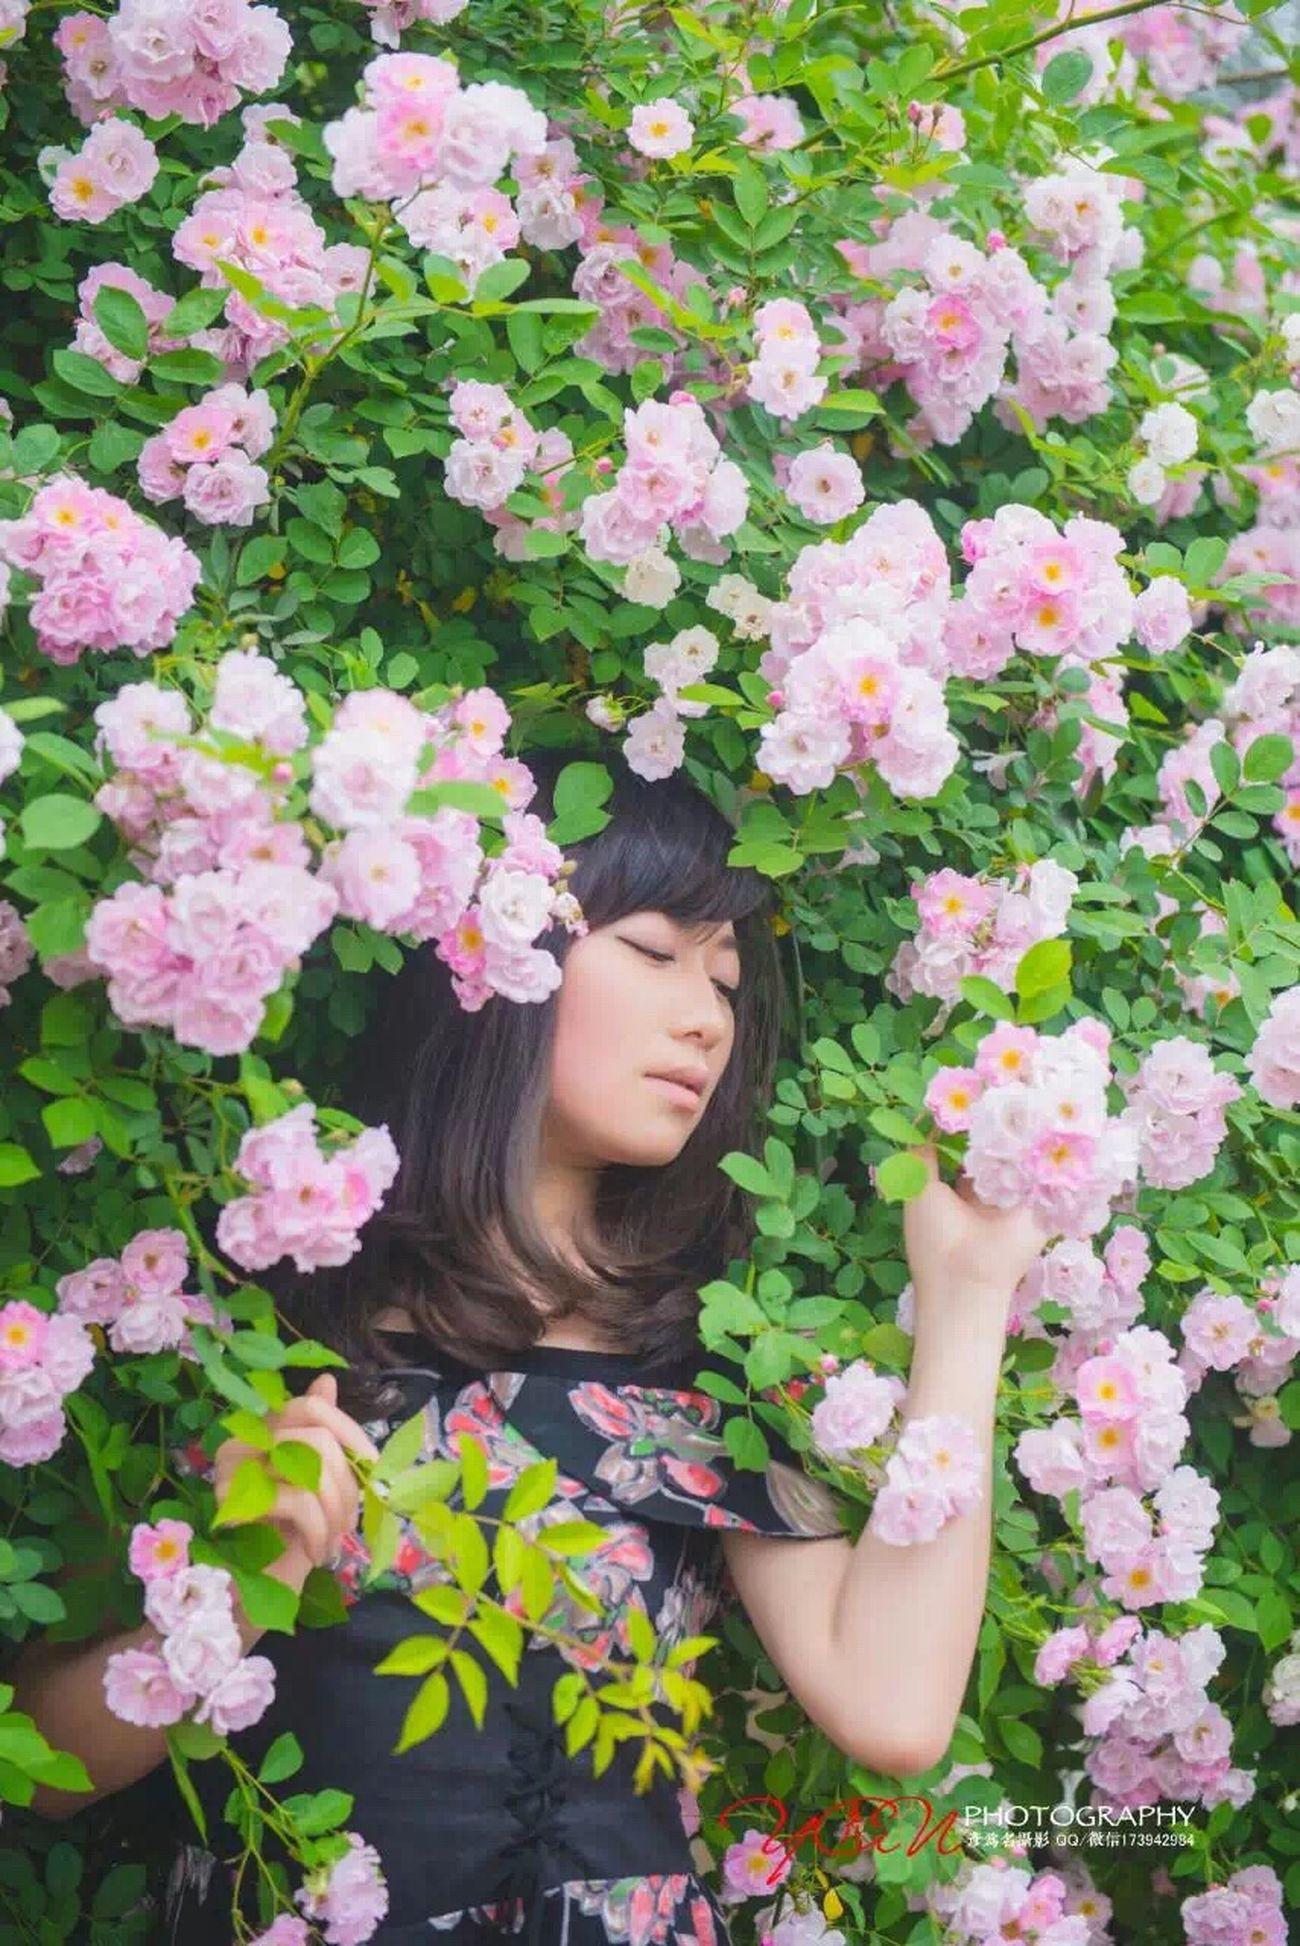 花朵 That's Me Hello World Hi! Taking Photos Enjoying Life Modelme First Eyeem Photo Modelgirl